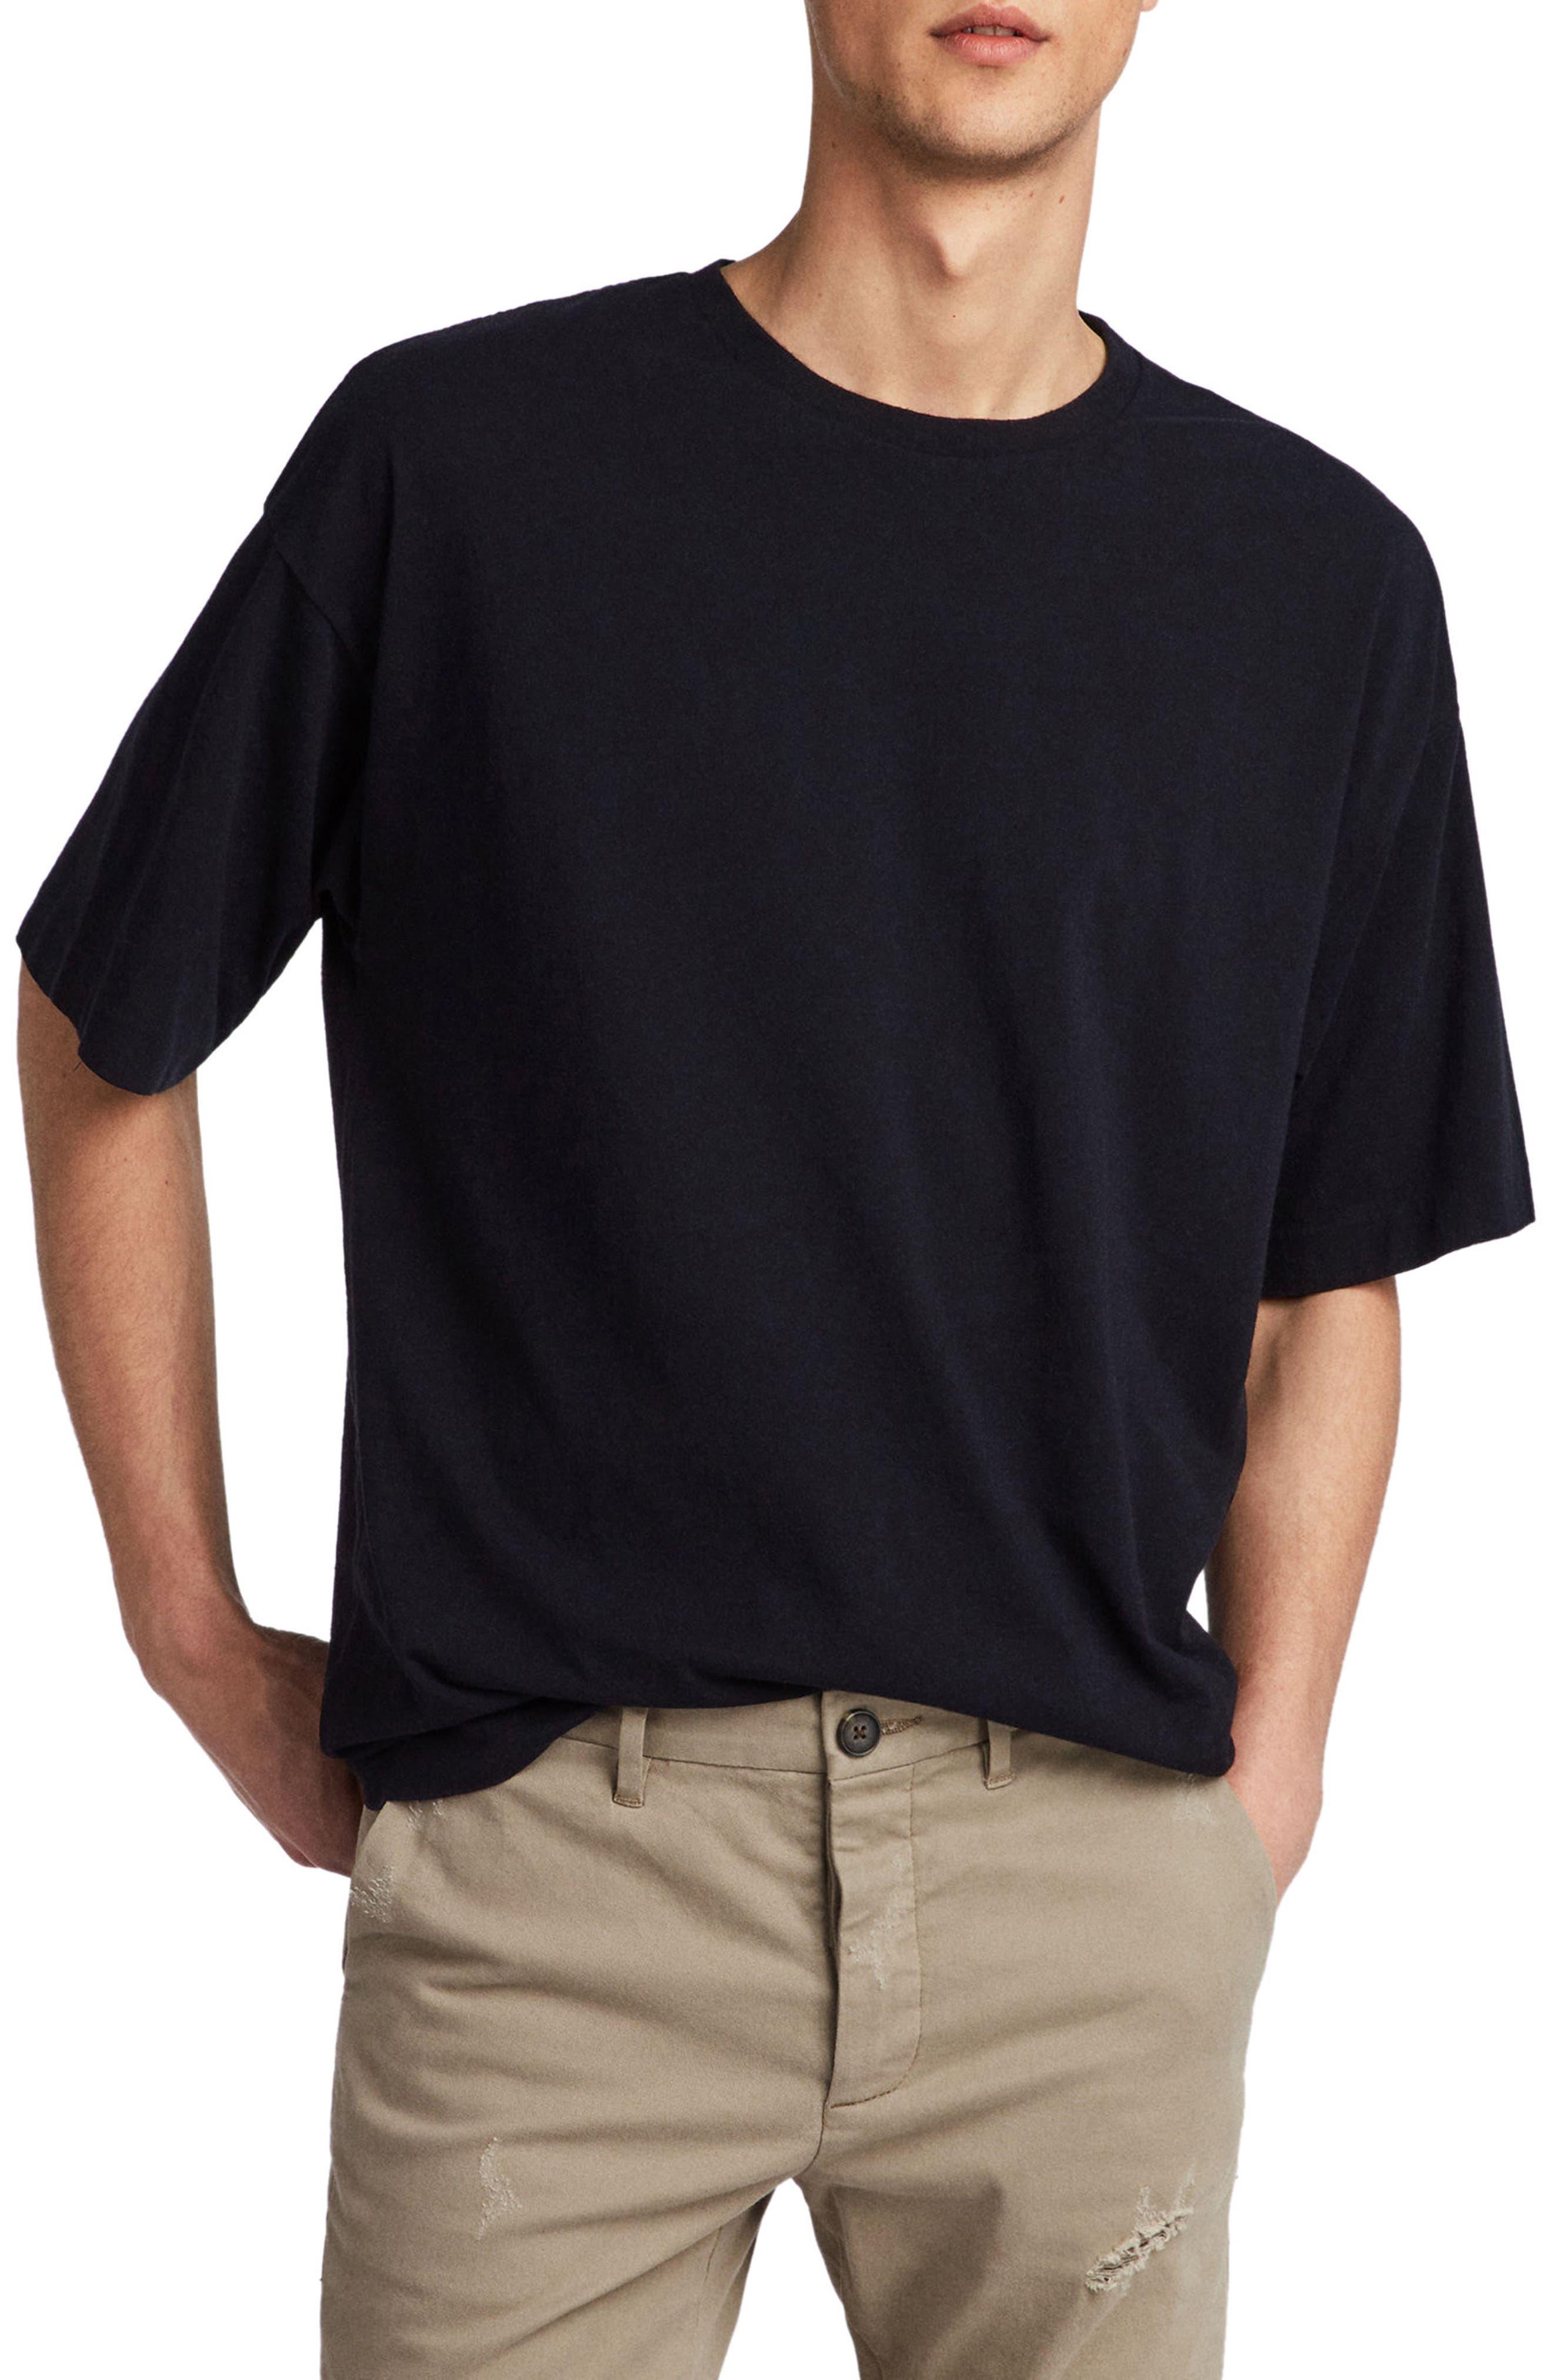 Atnom Crewneck T-Shirt,                         Main,                         color, 003